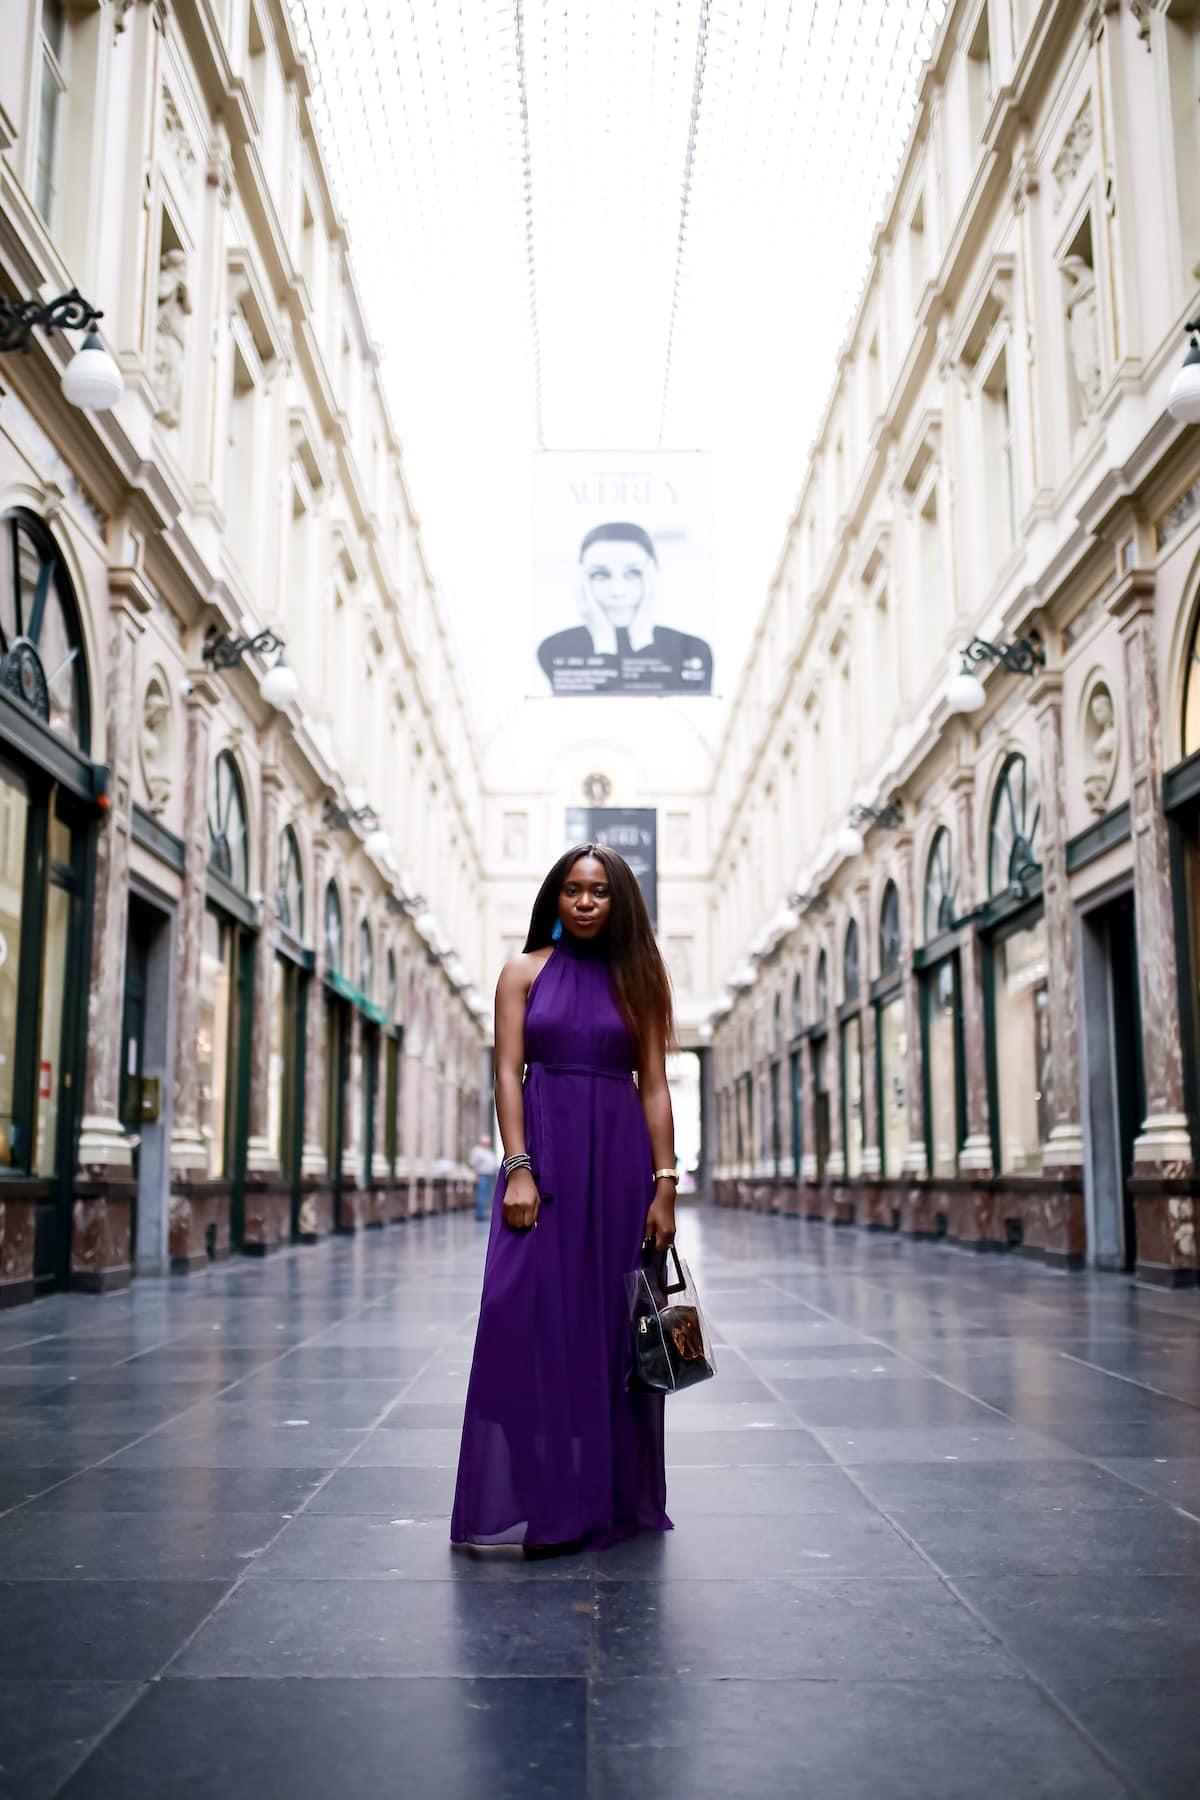 Les Galeries Royales Saint-Hubert